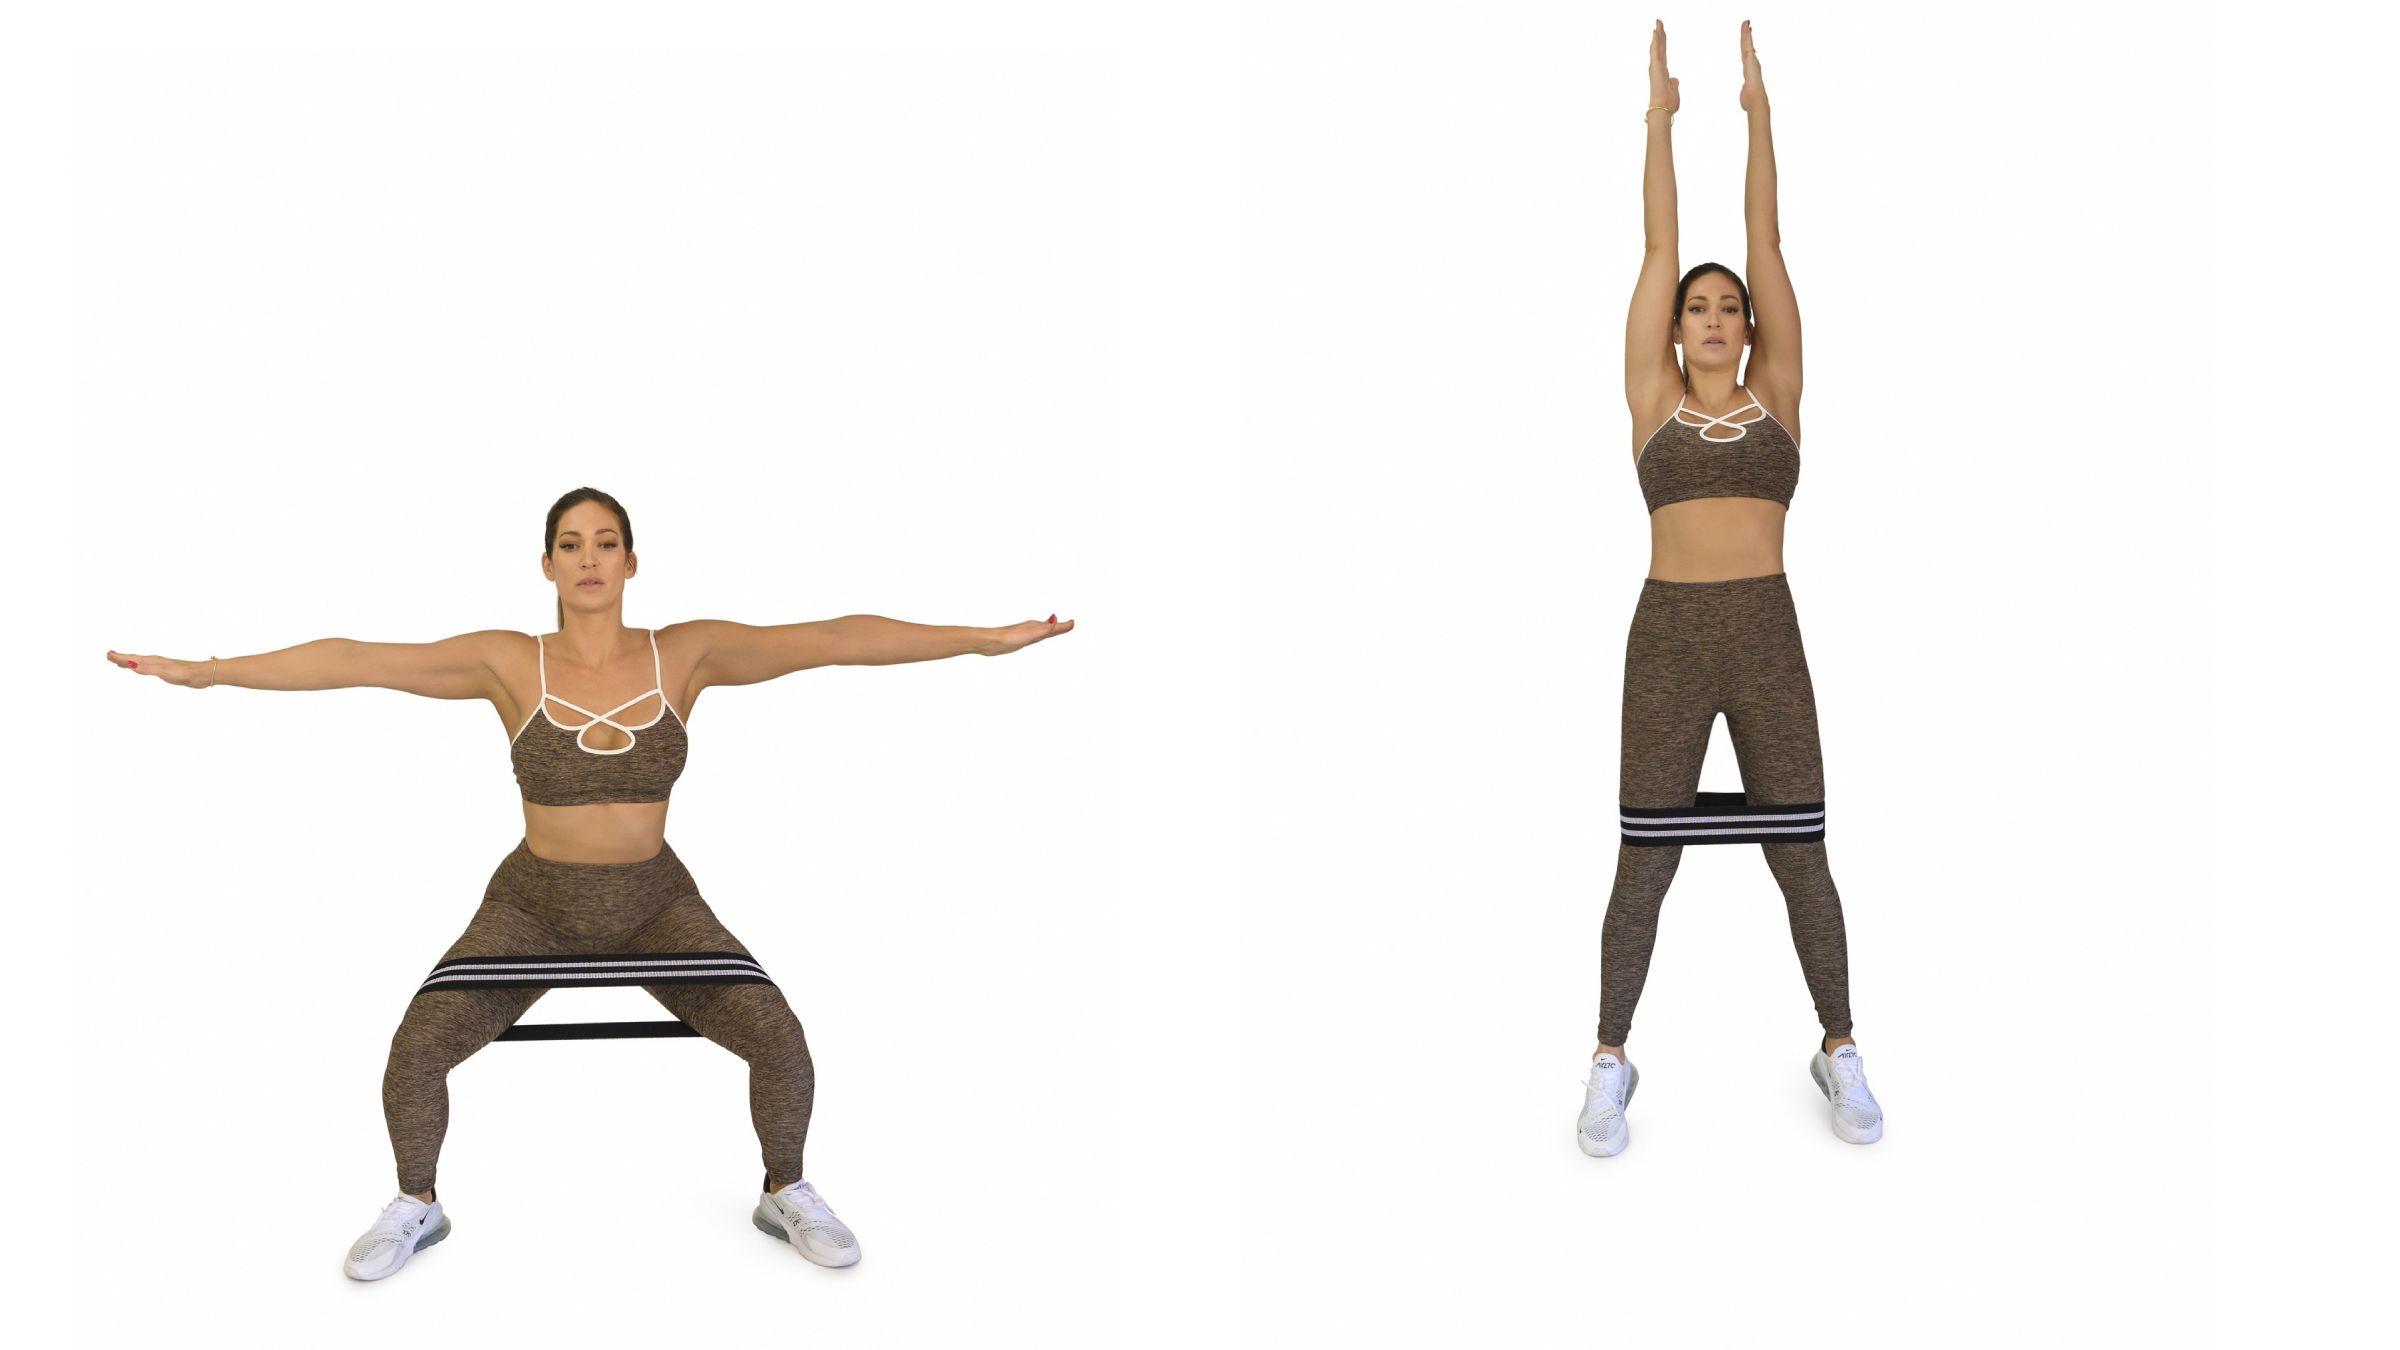 Woman demonstrating Banded Squat Jump